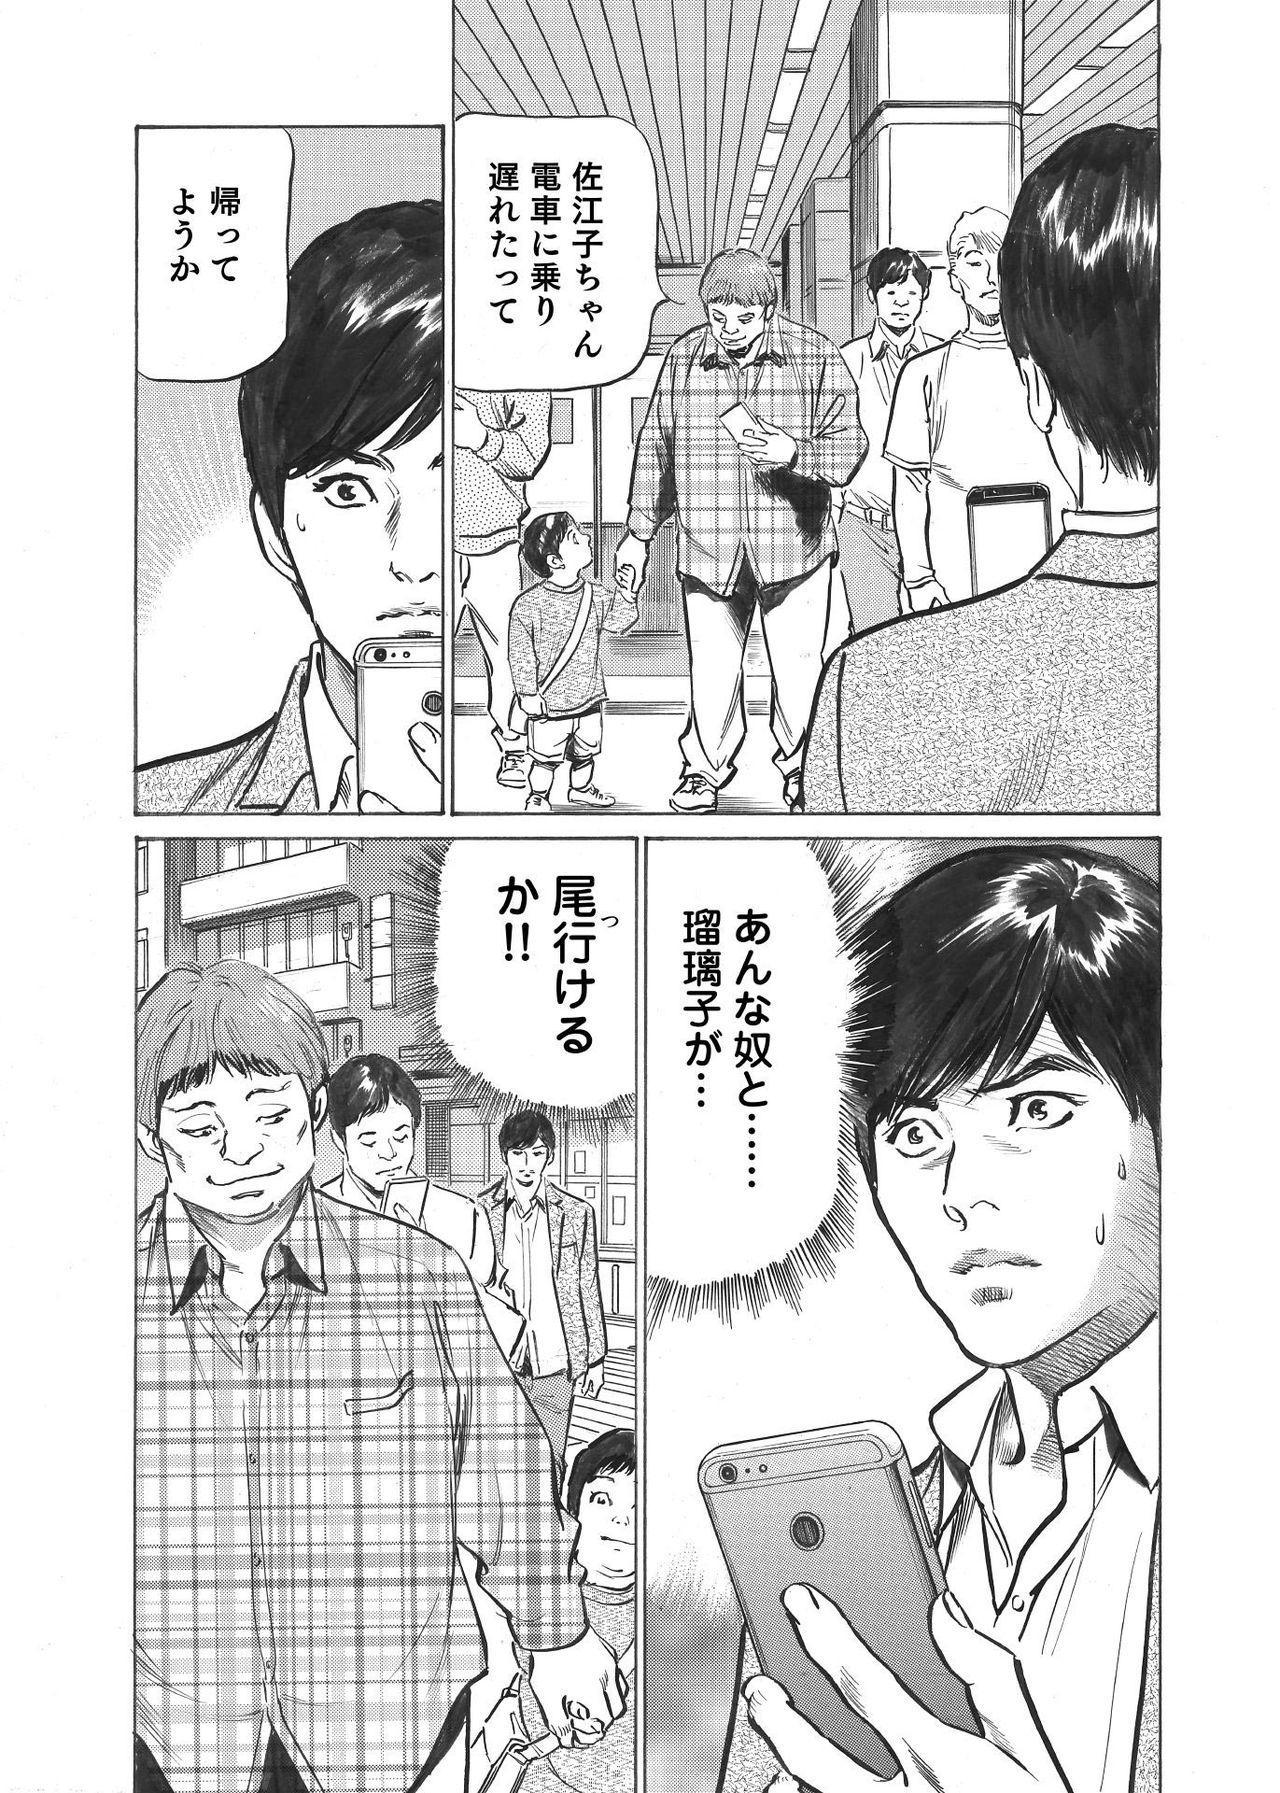 Ore wa Tsuma no Koto o Yoku Shiranai 1-9 40